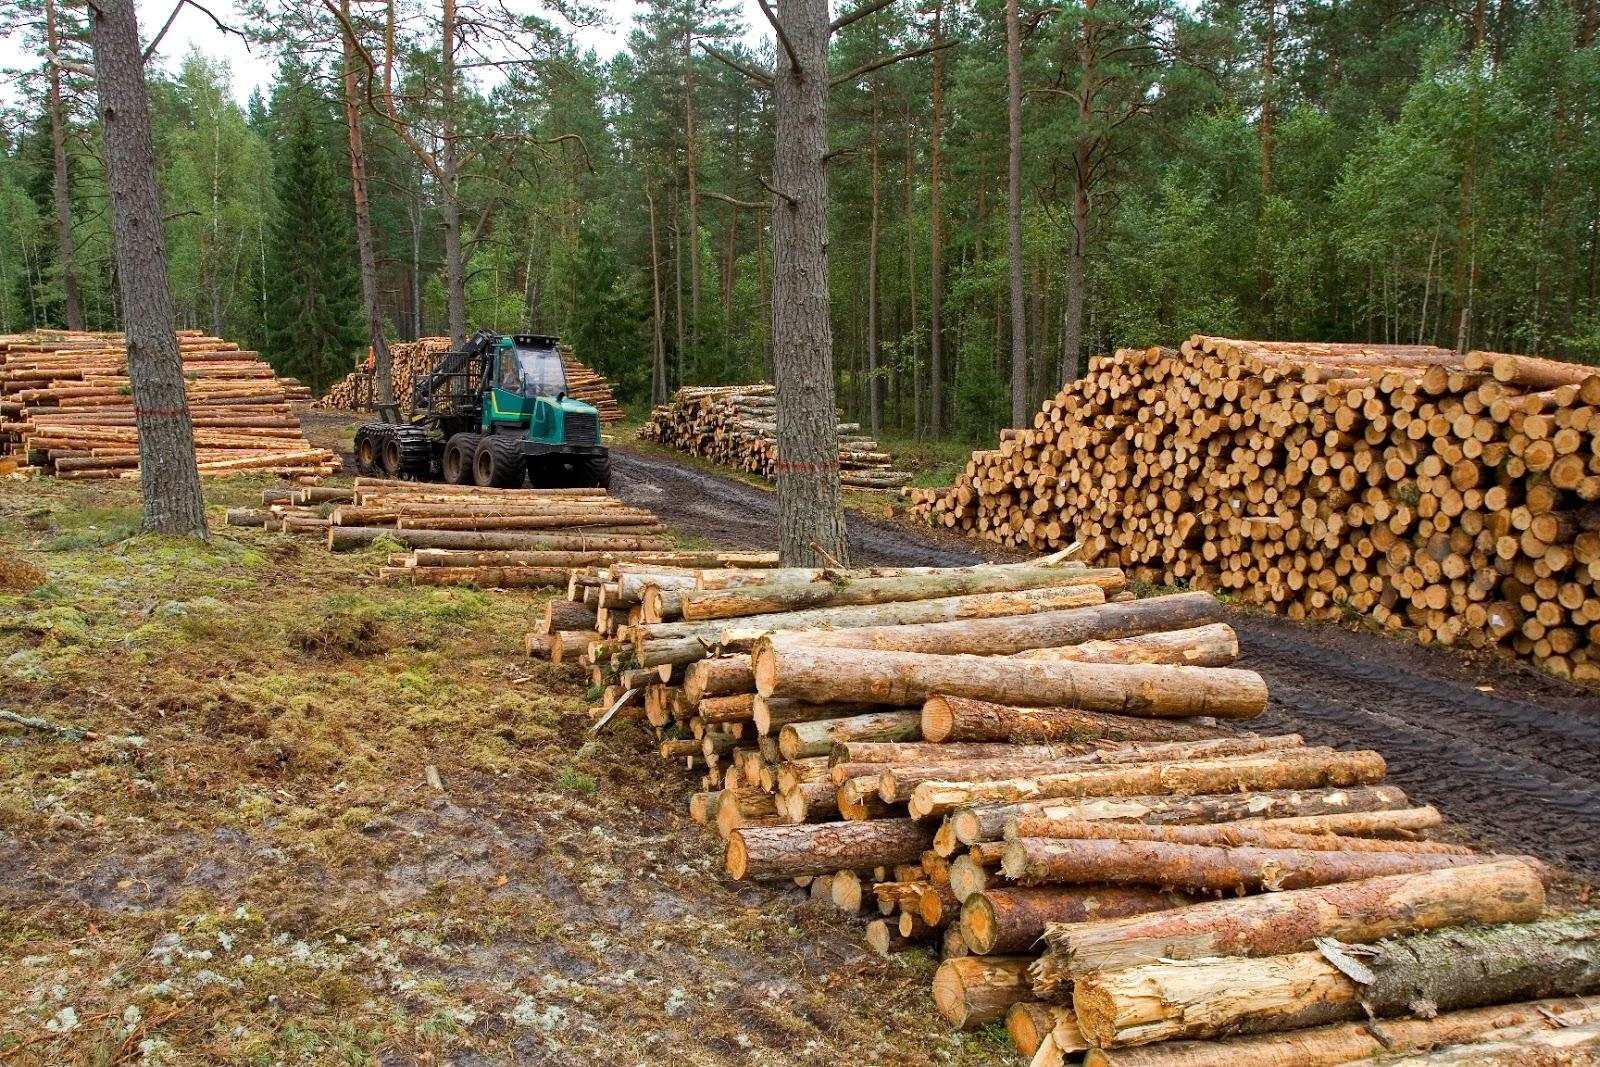 Porqu es da ina la deforestaci n como evitar la tala de for Medio en el que habitan los arboles